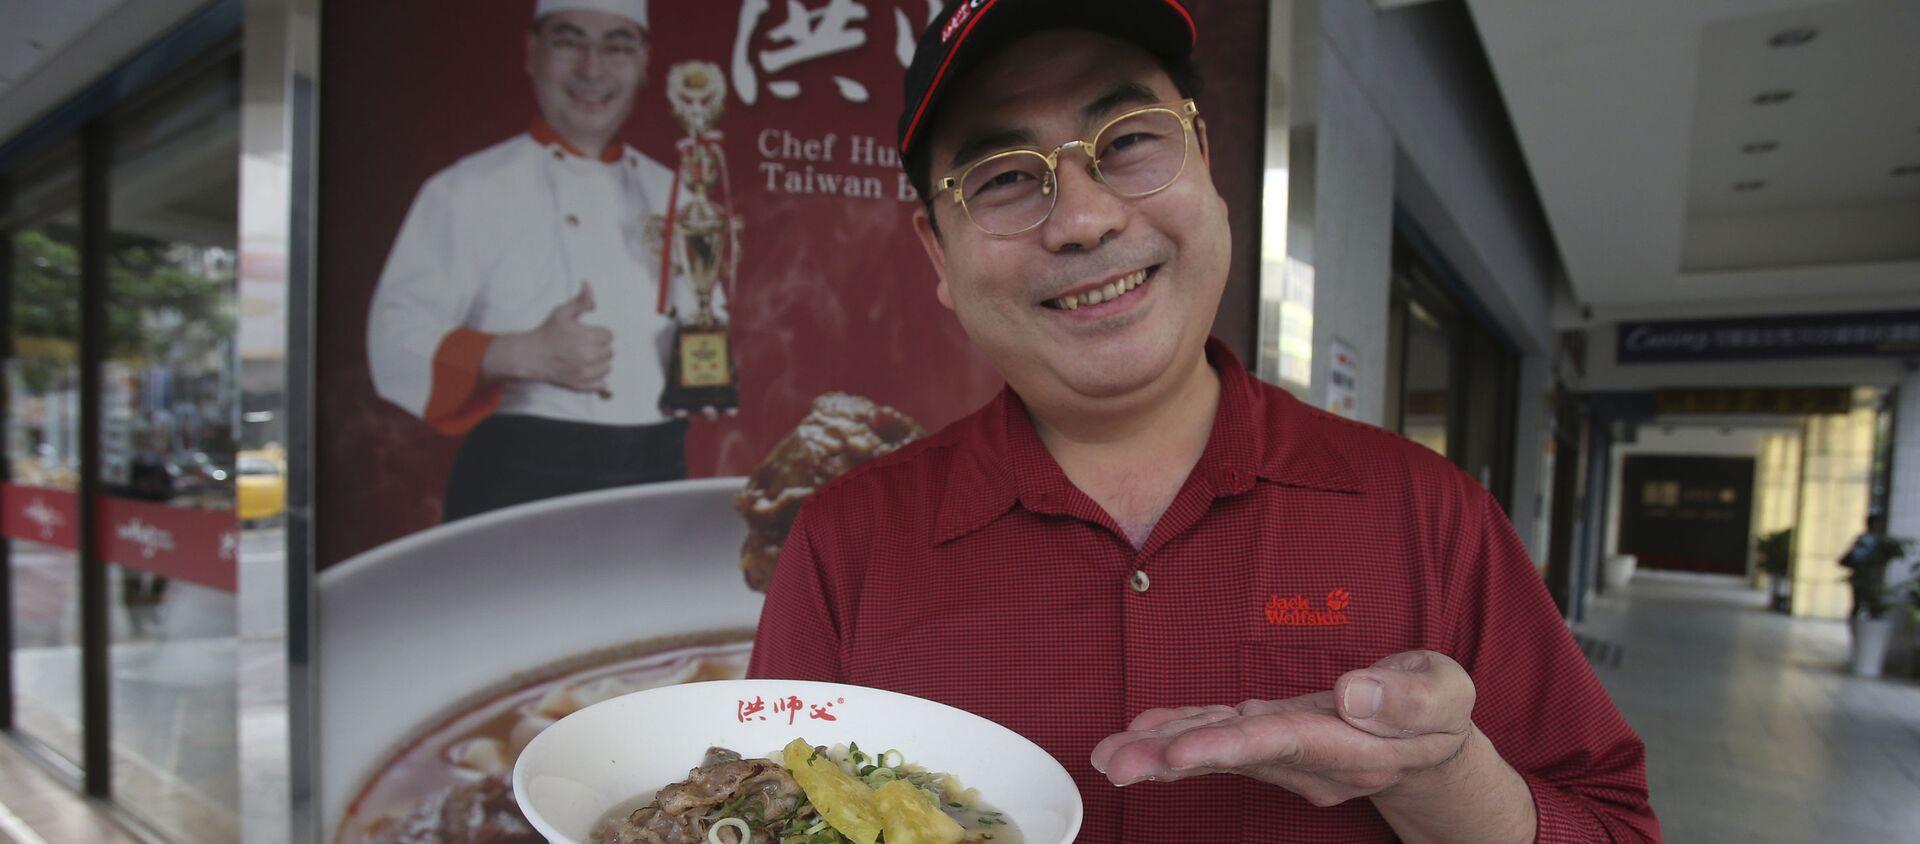 Chef Hung với đĩa mì bò lá dứa bên ngoài nhà hàng của anh ấy ở Đài Bắc, Đài Loan - Sputnik Việt Nam, 1920, 14.03.2021